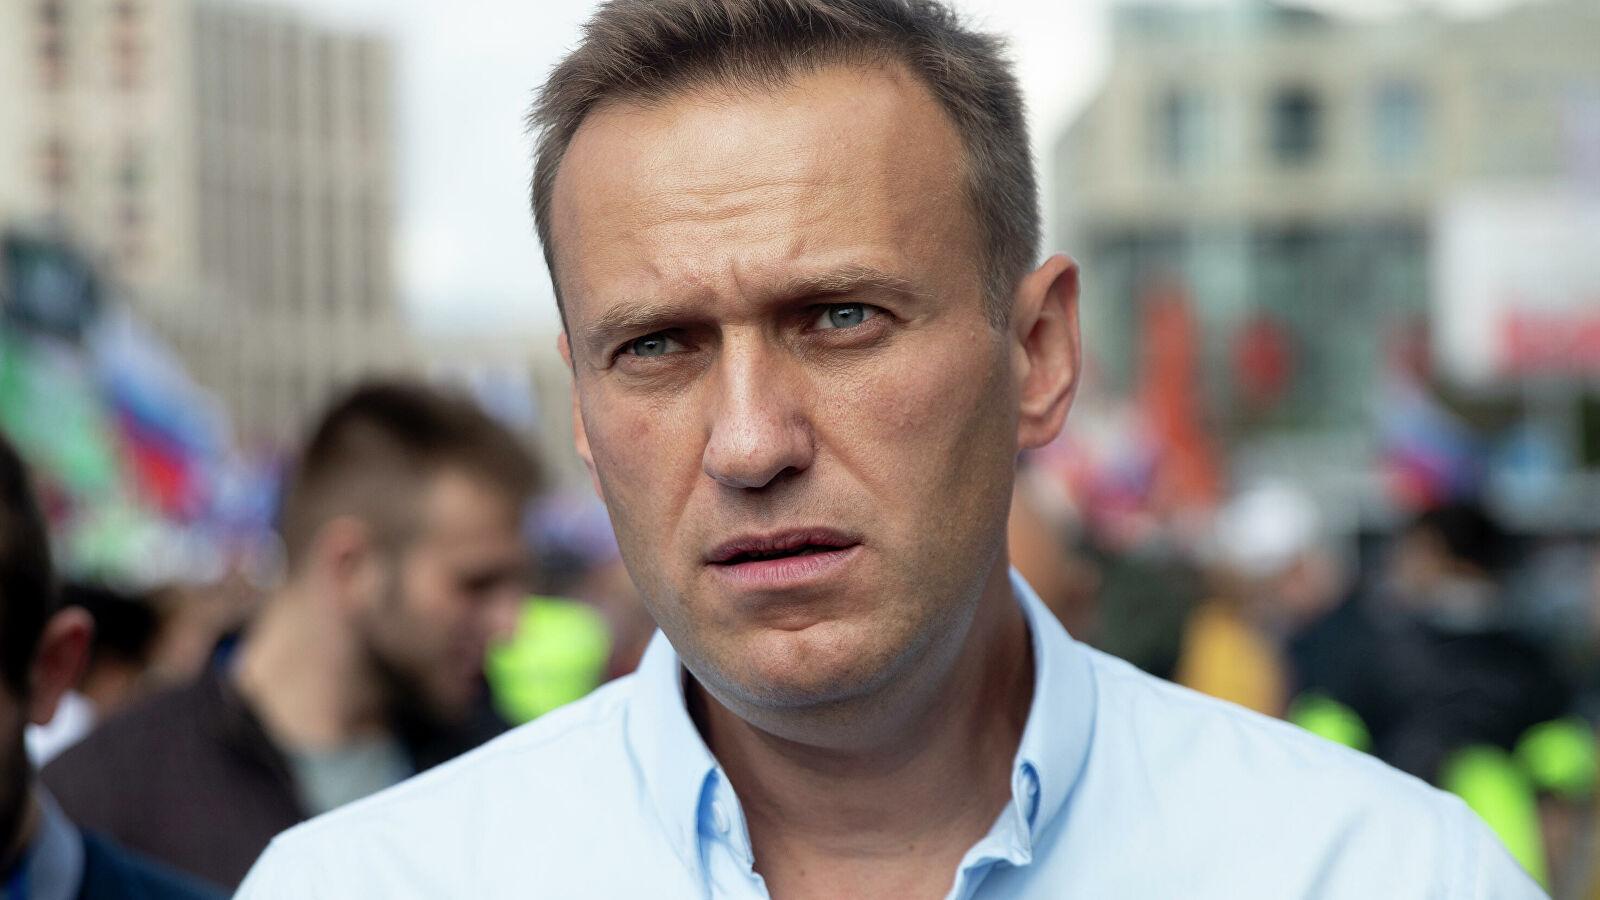 俄罗斯反对派人士阿列克谢·纳瓦利内(图源:美联社)